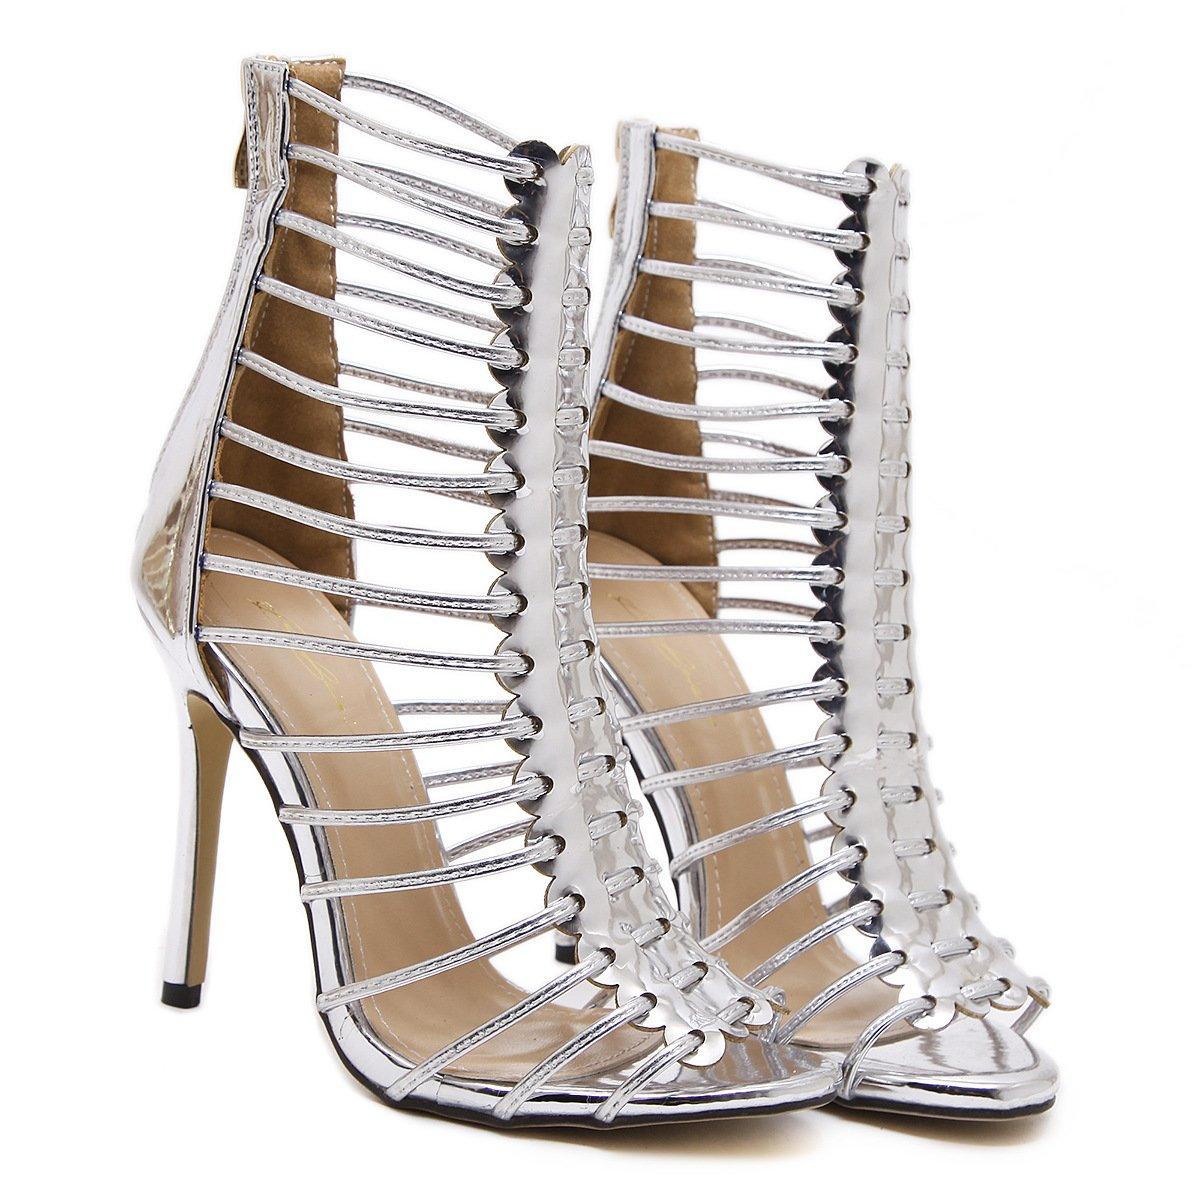 RUGAI-UE Damen High Heel Schuhe, hochwertige, Sommer, Europa und Amerika, hochwertige, Schuhe, dünne und große Sandalen. silvery ab7843